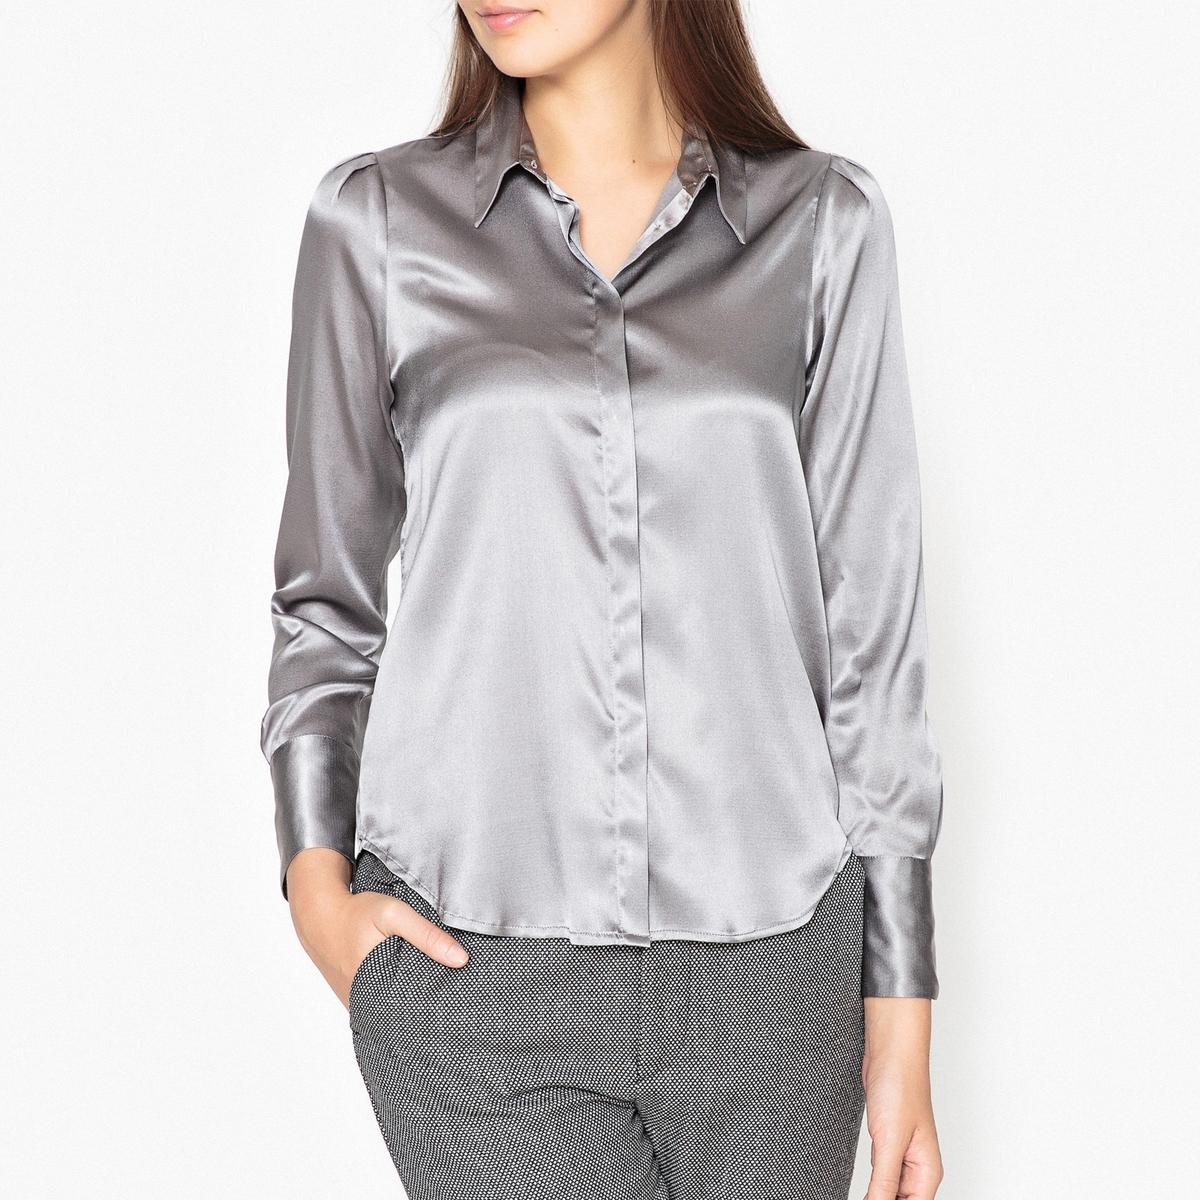 Рубашка ARIELLEРубашка с длинными рукавами MOMONI - модель ARIELLE с закругленным низом, уголками воротника без застежки, из блестящей шелковой ткани.Детали •  Длинные рукава •  Покрой бойфренд, свободный •  Воротник-поло, рубашечный Состав и уход •  93% шелка, 7% эластана •  Следуйте советам по уходу, указанным на этикетке<br><br>Цвет: серебристый